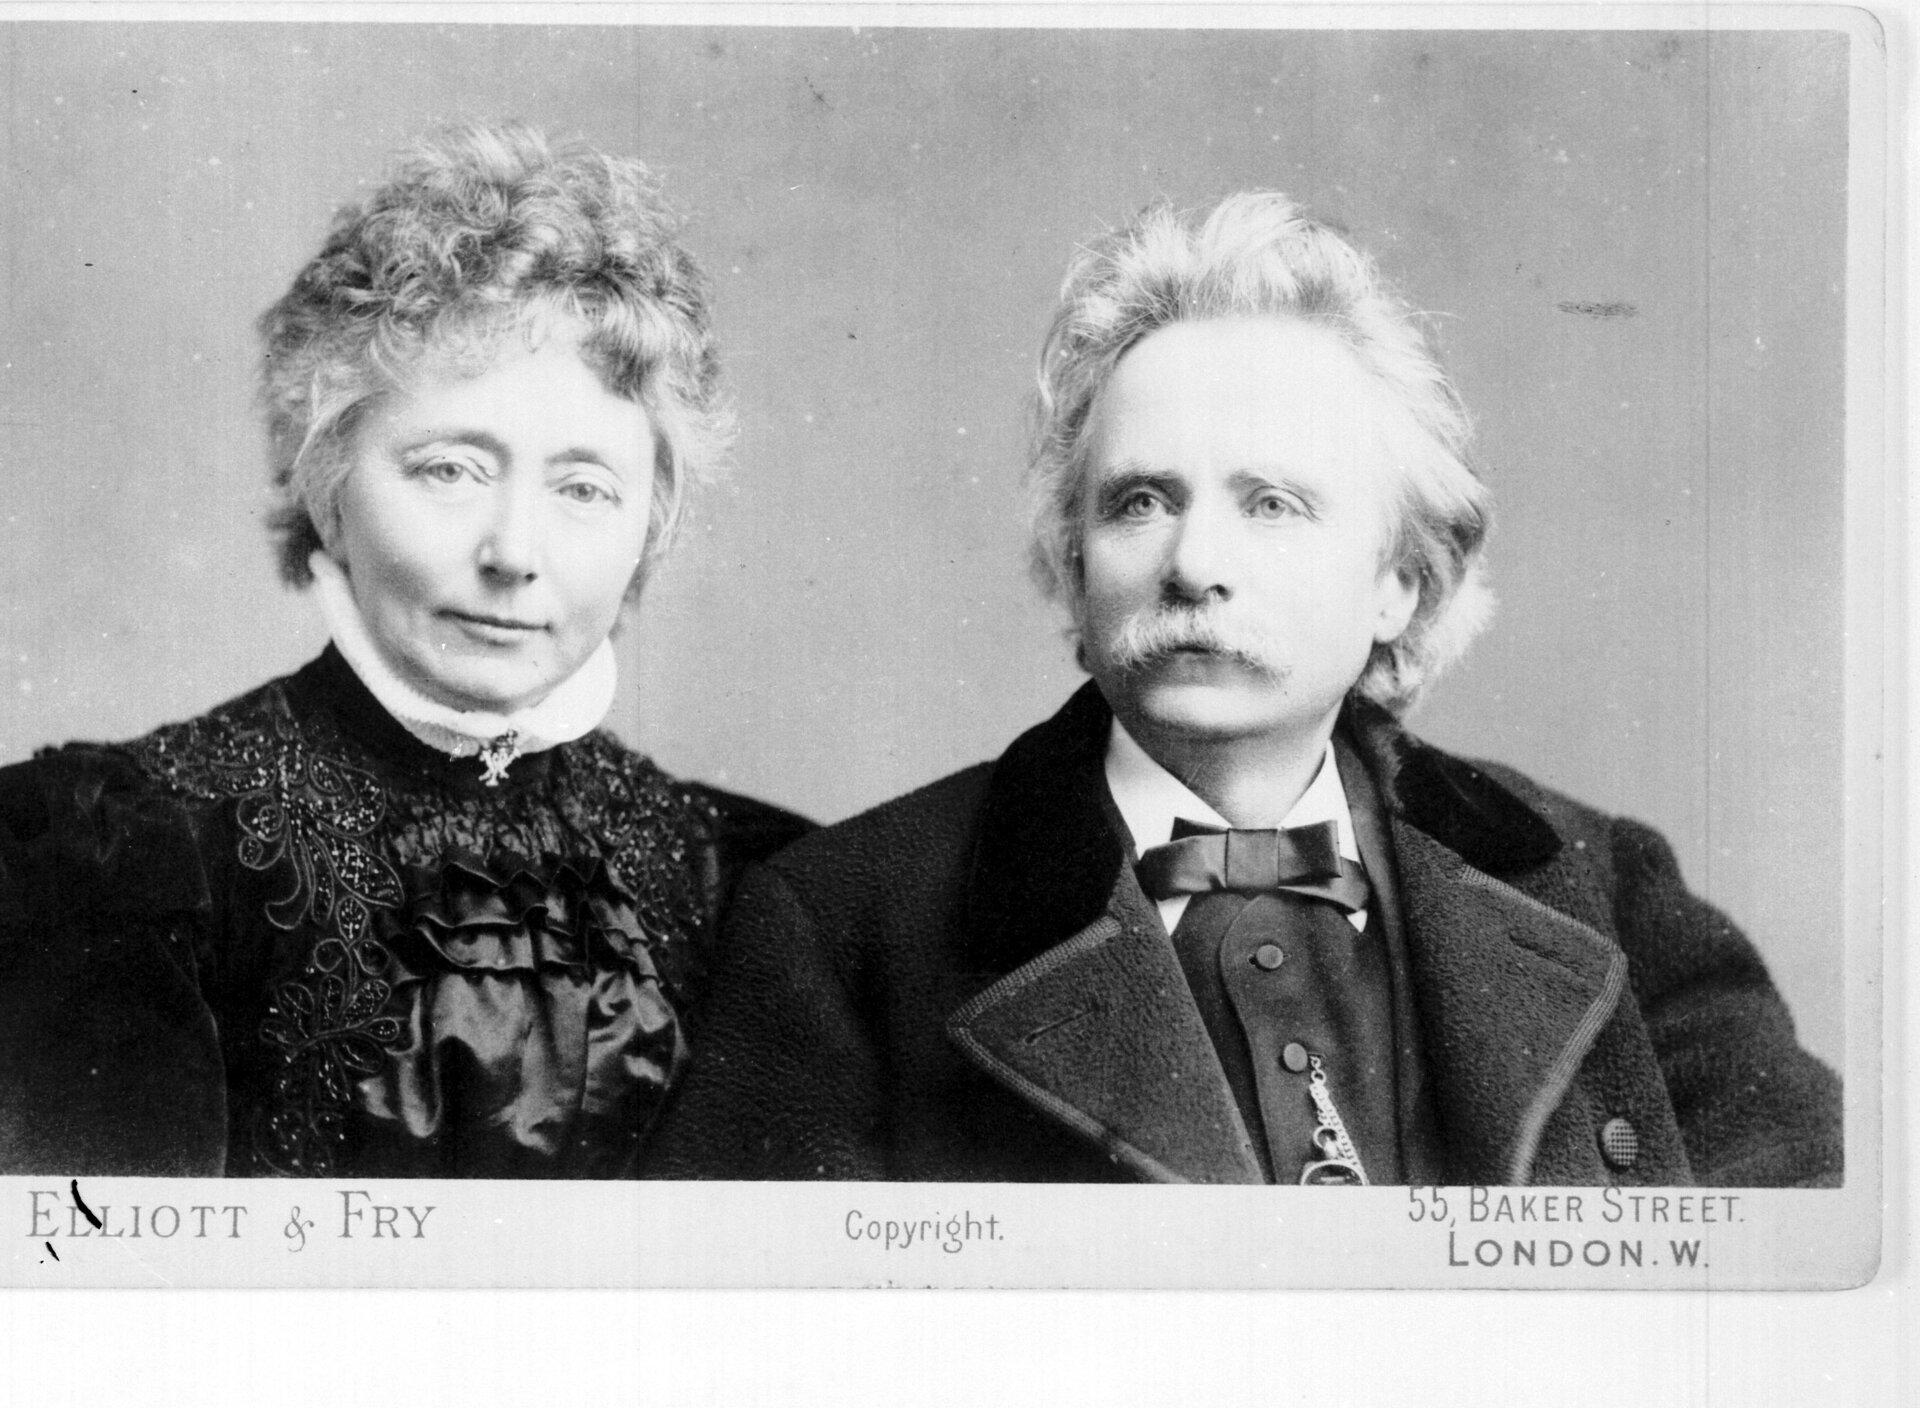 Ilustracja interaktywna przedstawia fotografię Edwarda iNiny Grieg. Para ukazana jest od pasa wgórę. Postacie są elegancko ubrane.